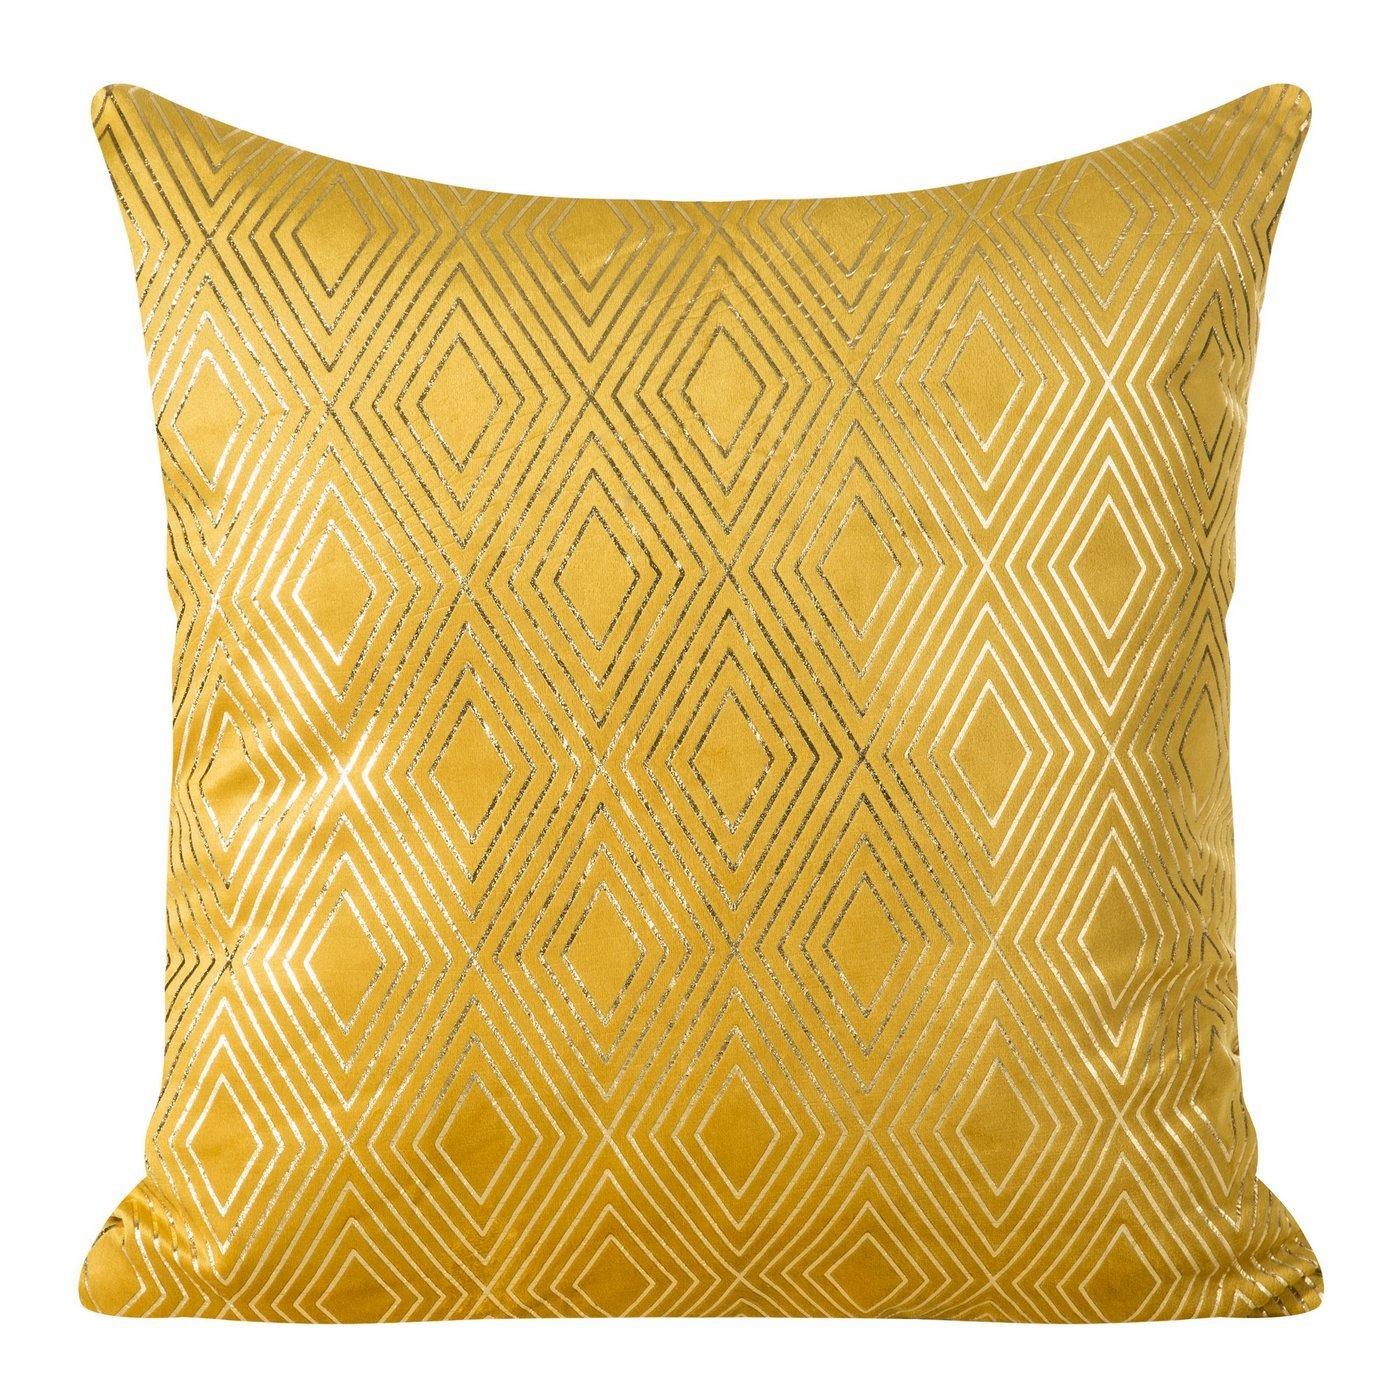 Poszewka z musztardowego welwetu ze złotym wzorem 45x45 cm